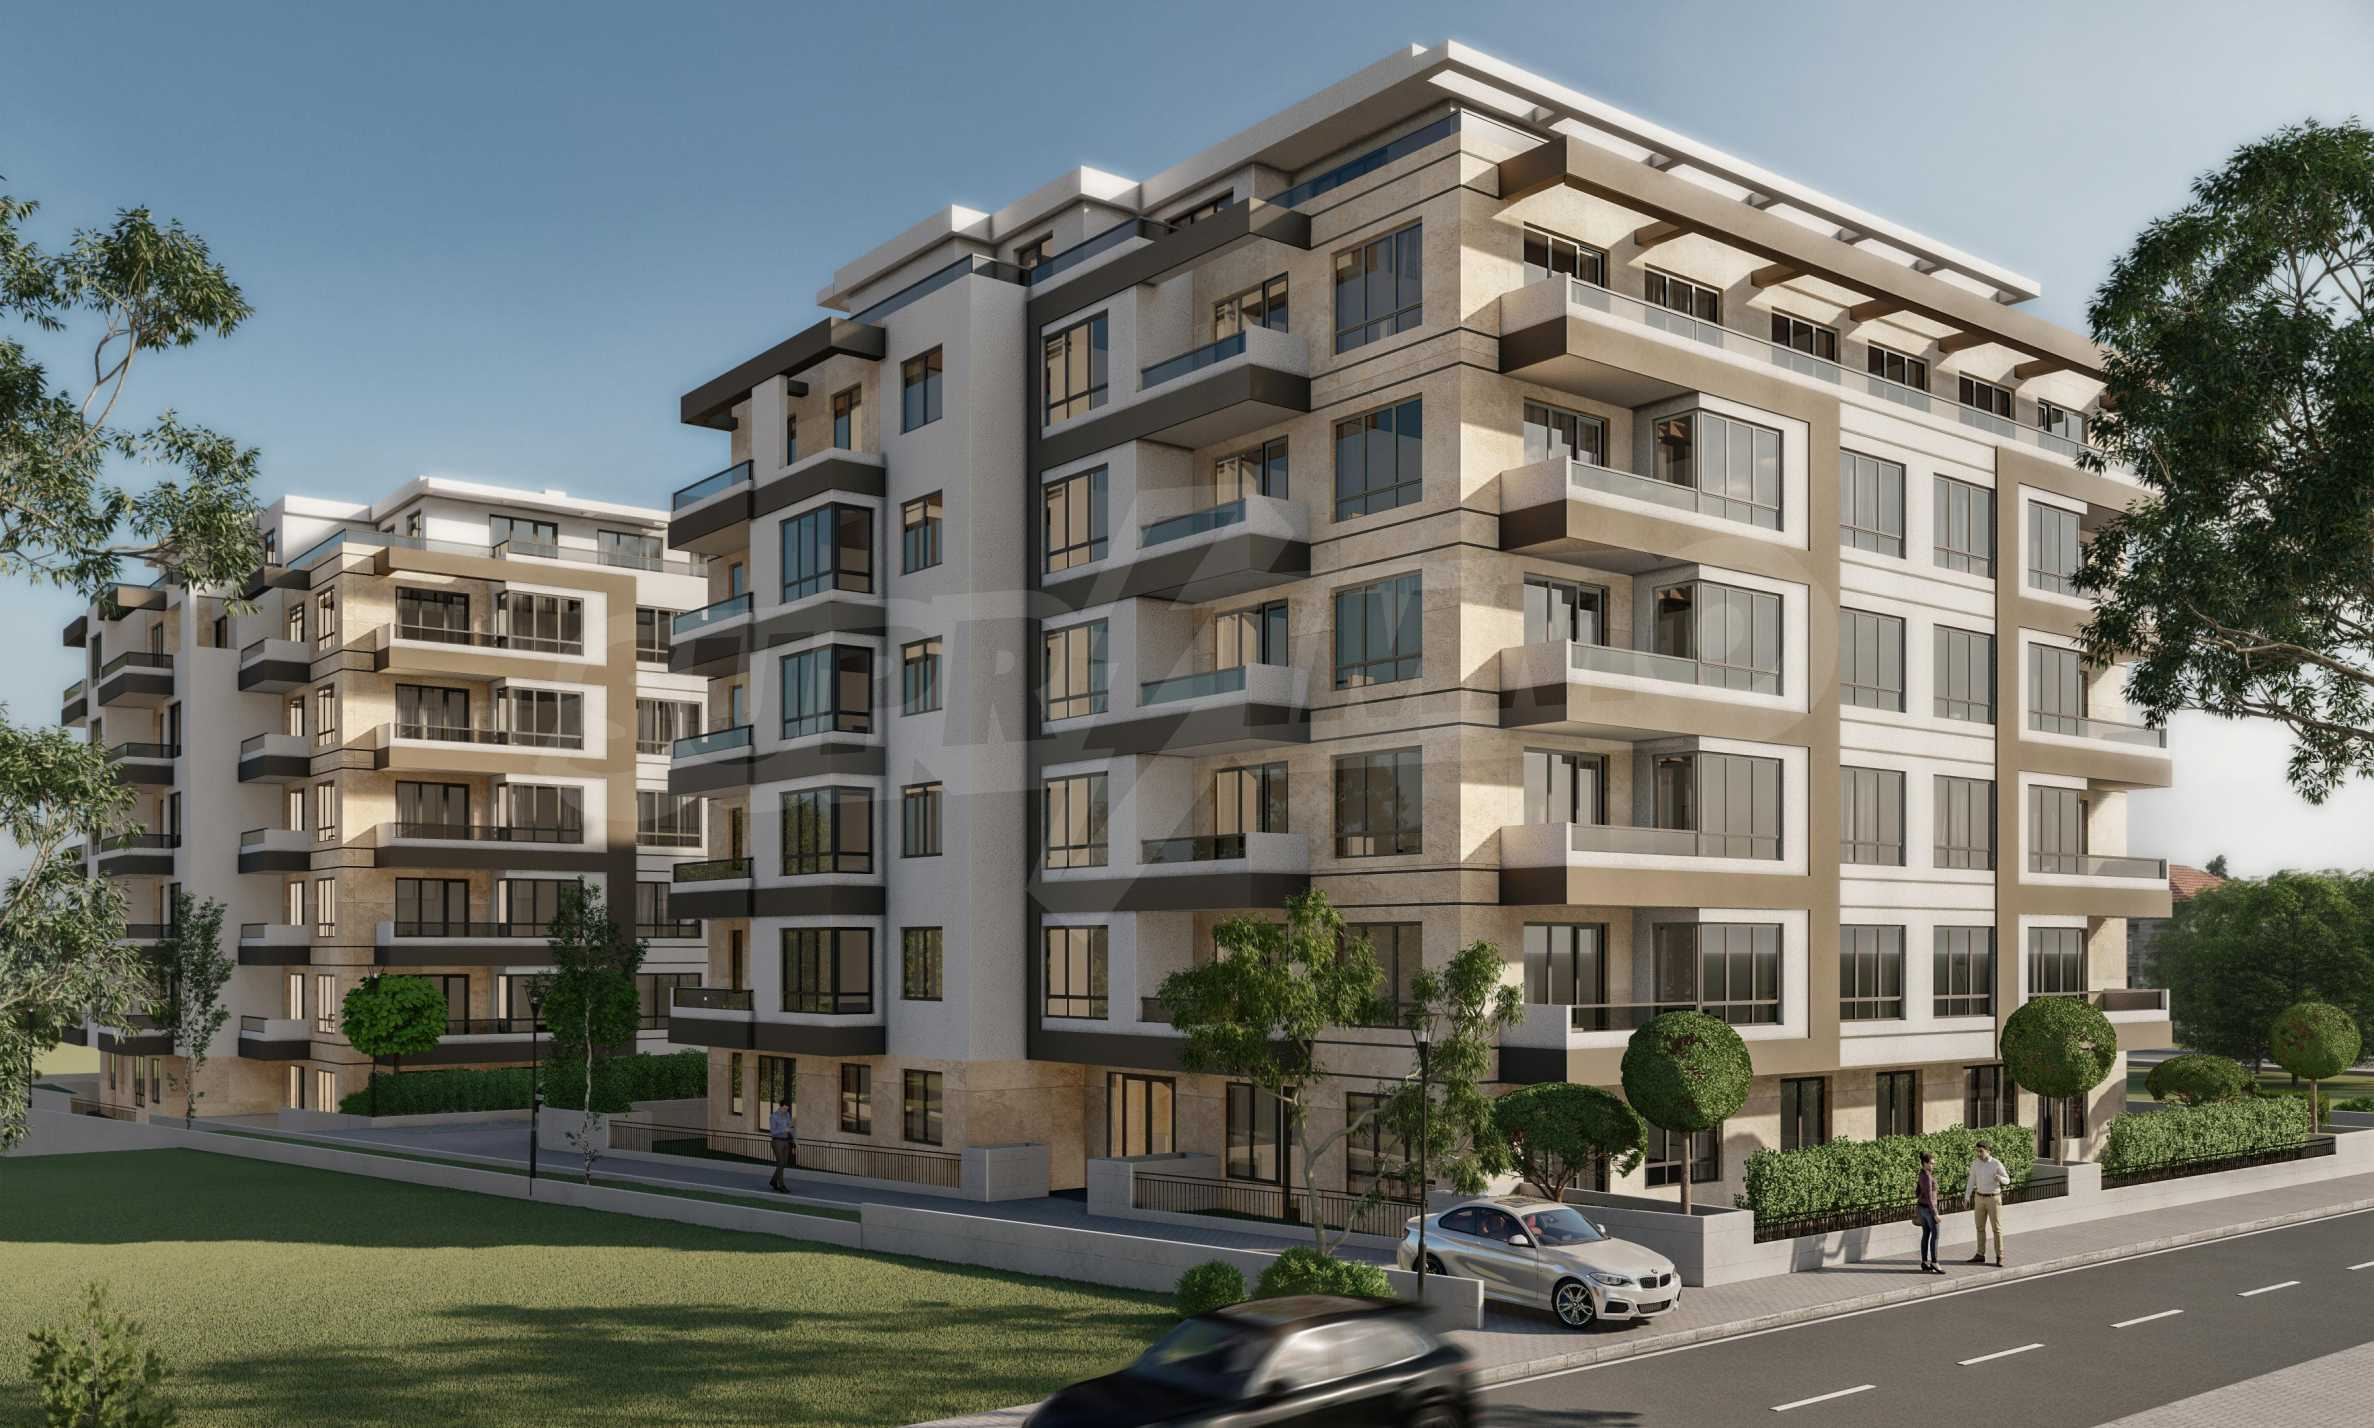 Привлекательная недвижимость в новом комплексе рядом с торговым центром Paradise и станцией метро 3